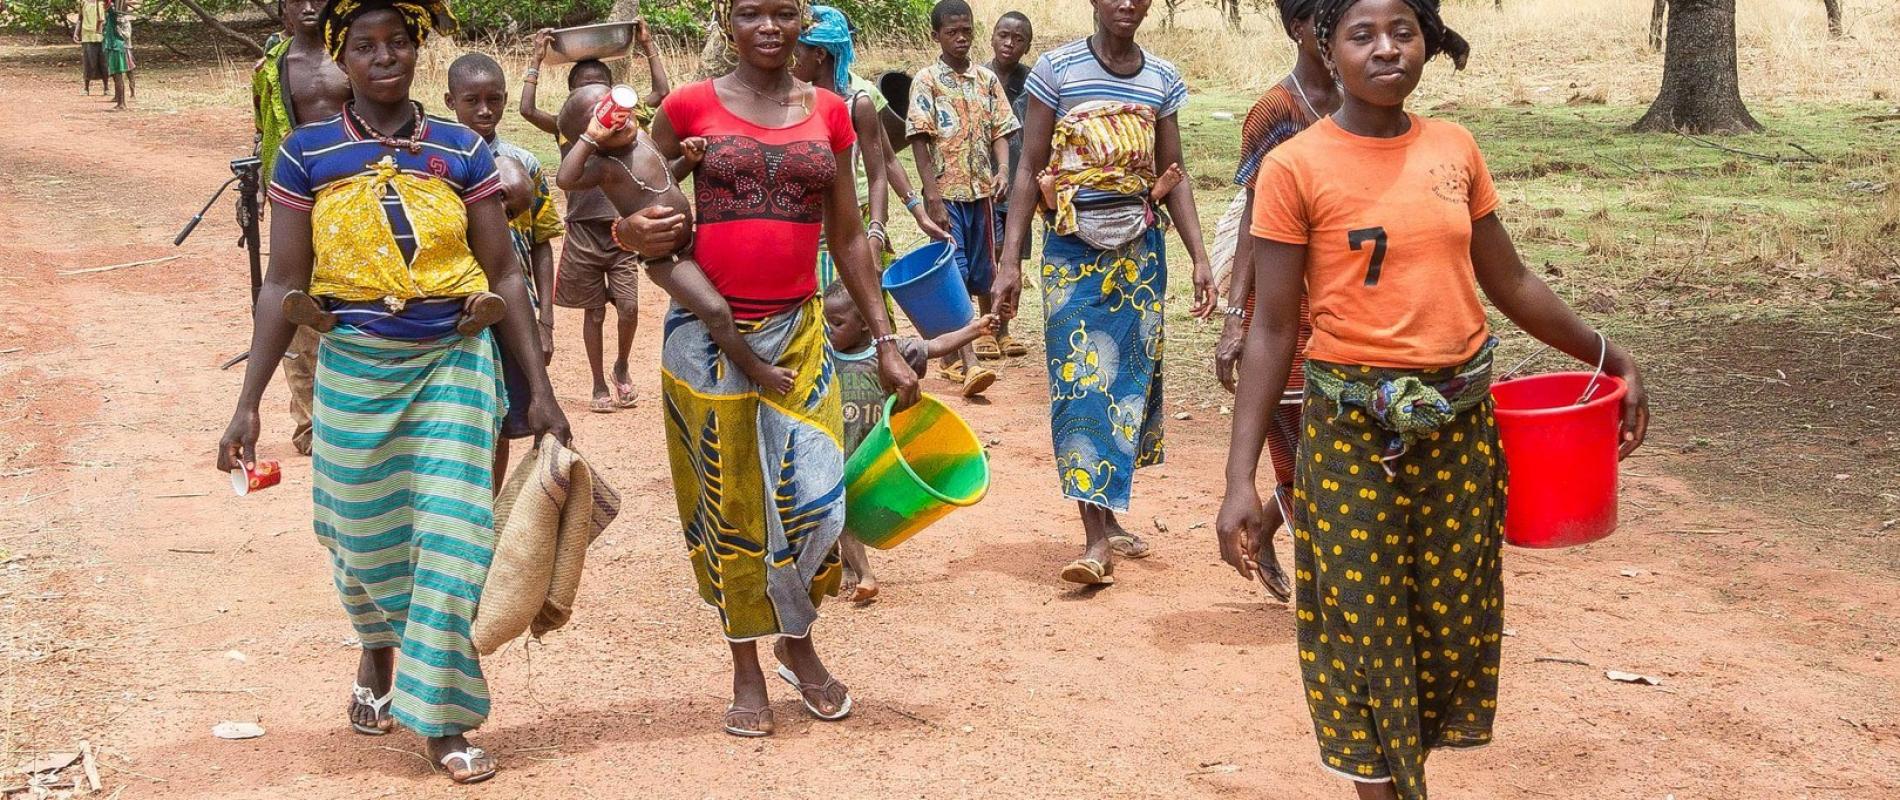 Het begint allemaal op het veld bij de boer, die een cashewboompje plant. Na enkele jaren is het stekje uitgegroeid tot een boom en kan er geoogst worden. Deze vrouwen zijn onderweg naar het veld om te oogsten.